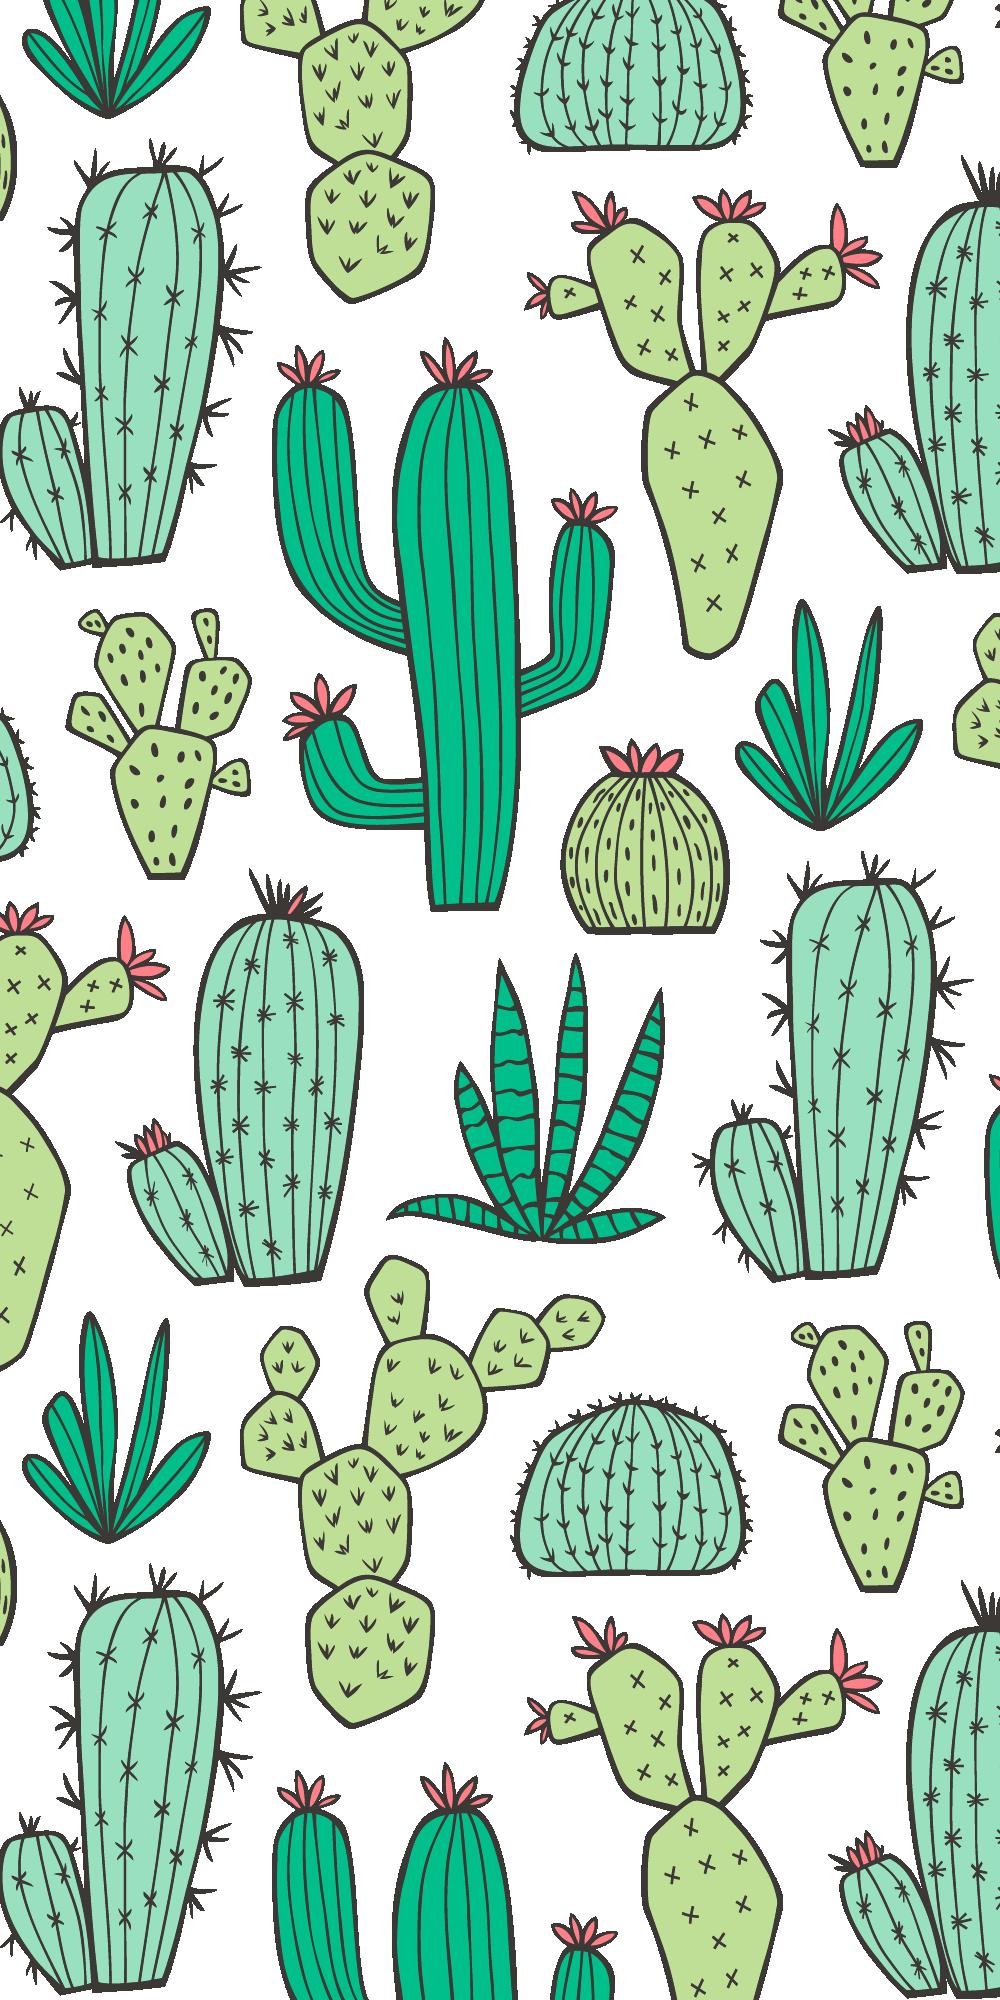 Iphone 7 Plus Cases Cactus - HD Wallpaper